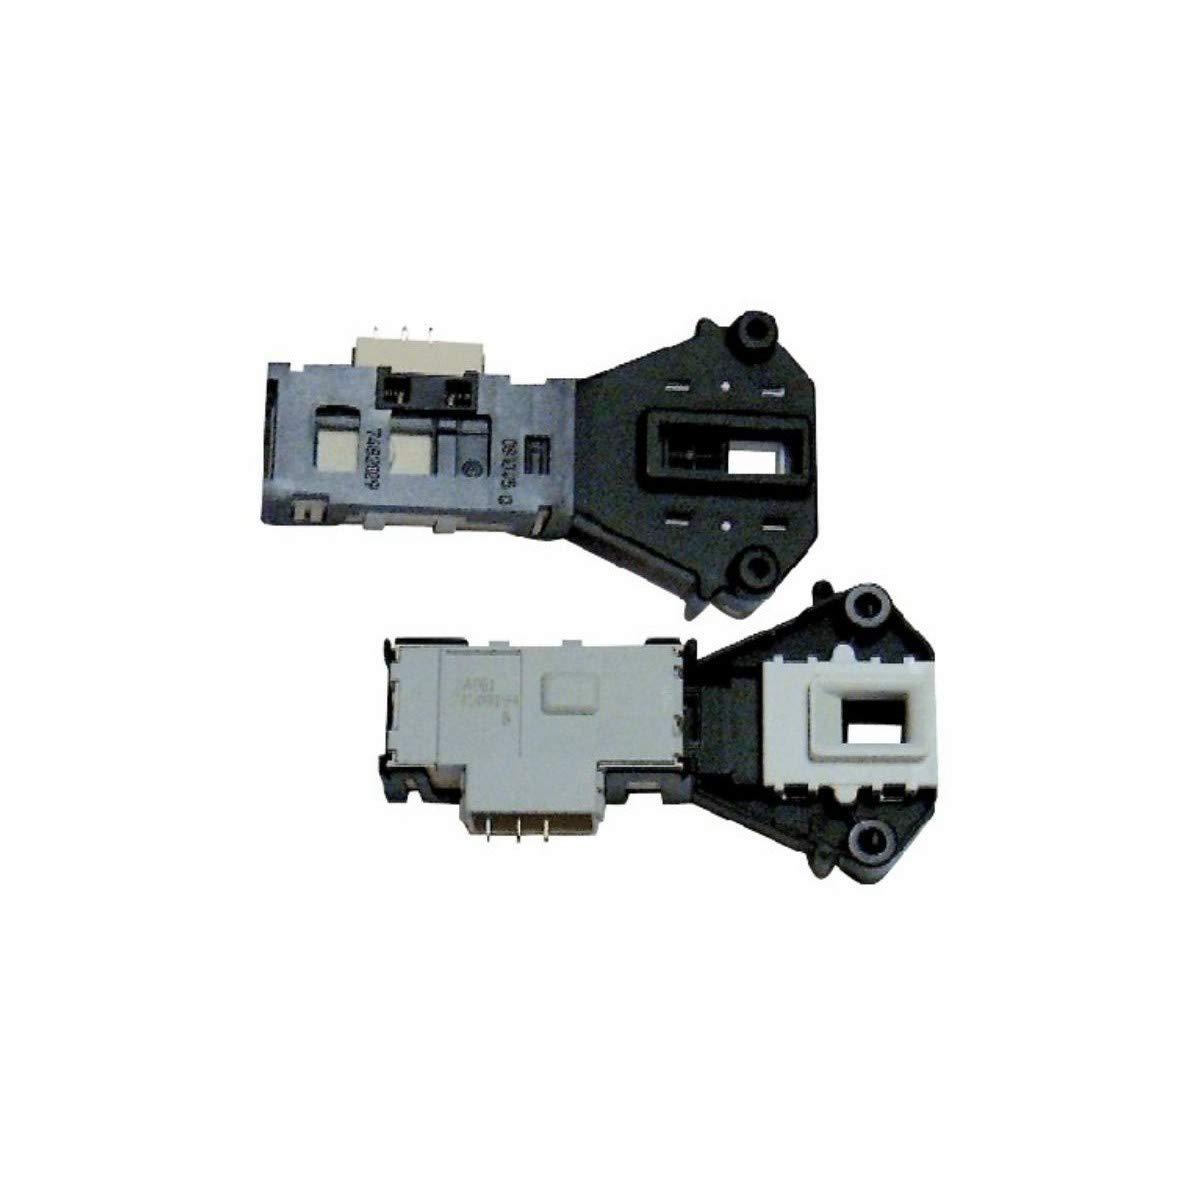 Recamania Interruptor retardo blocapuerta Lavadora LG DA081045 ...